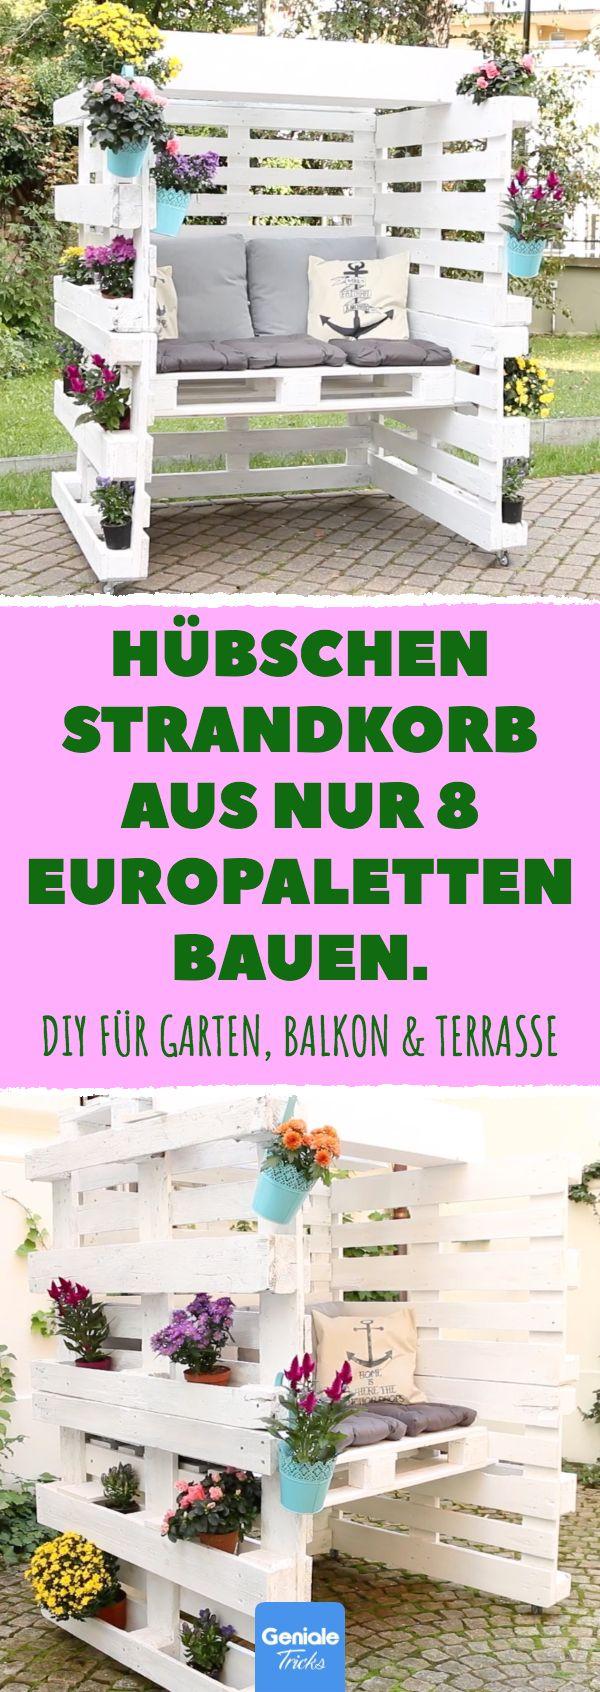 Hübscher Strandkorb aus nur 8 Europaletten gebaut. DIY für Garten, Balkon & Terrasse   – Garten, Balkon, Terrasse & Fensterbank